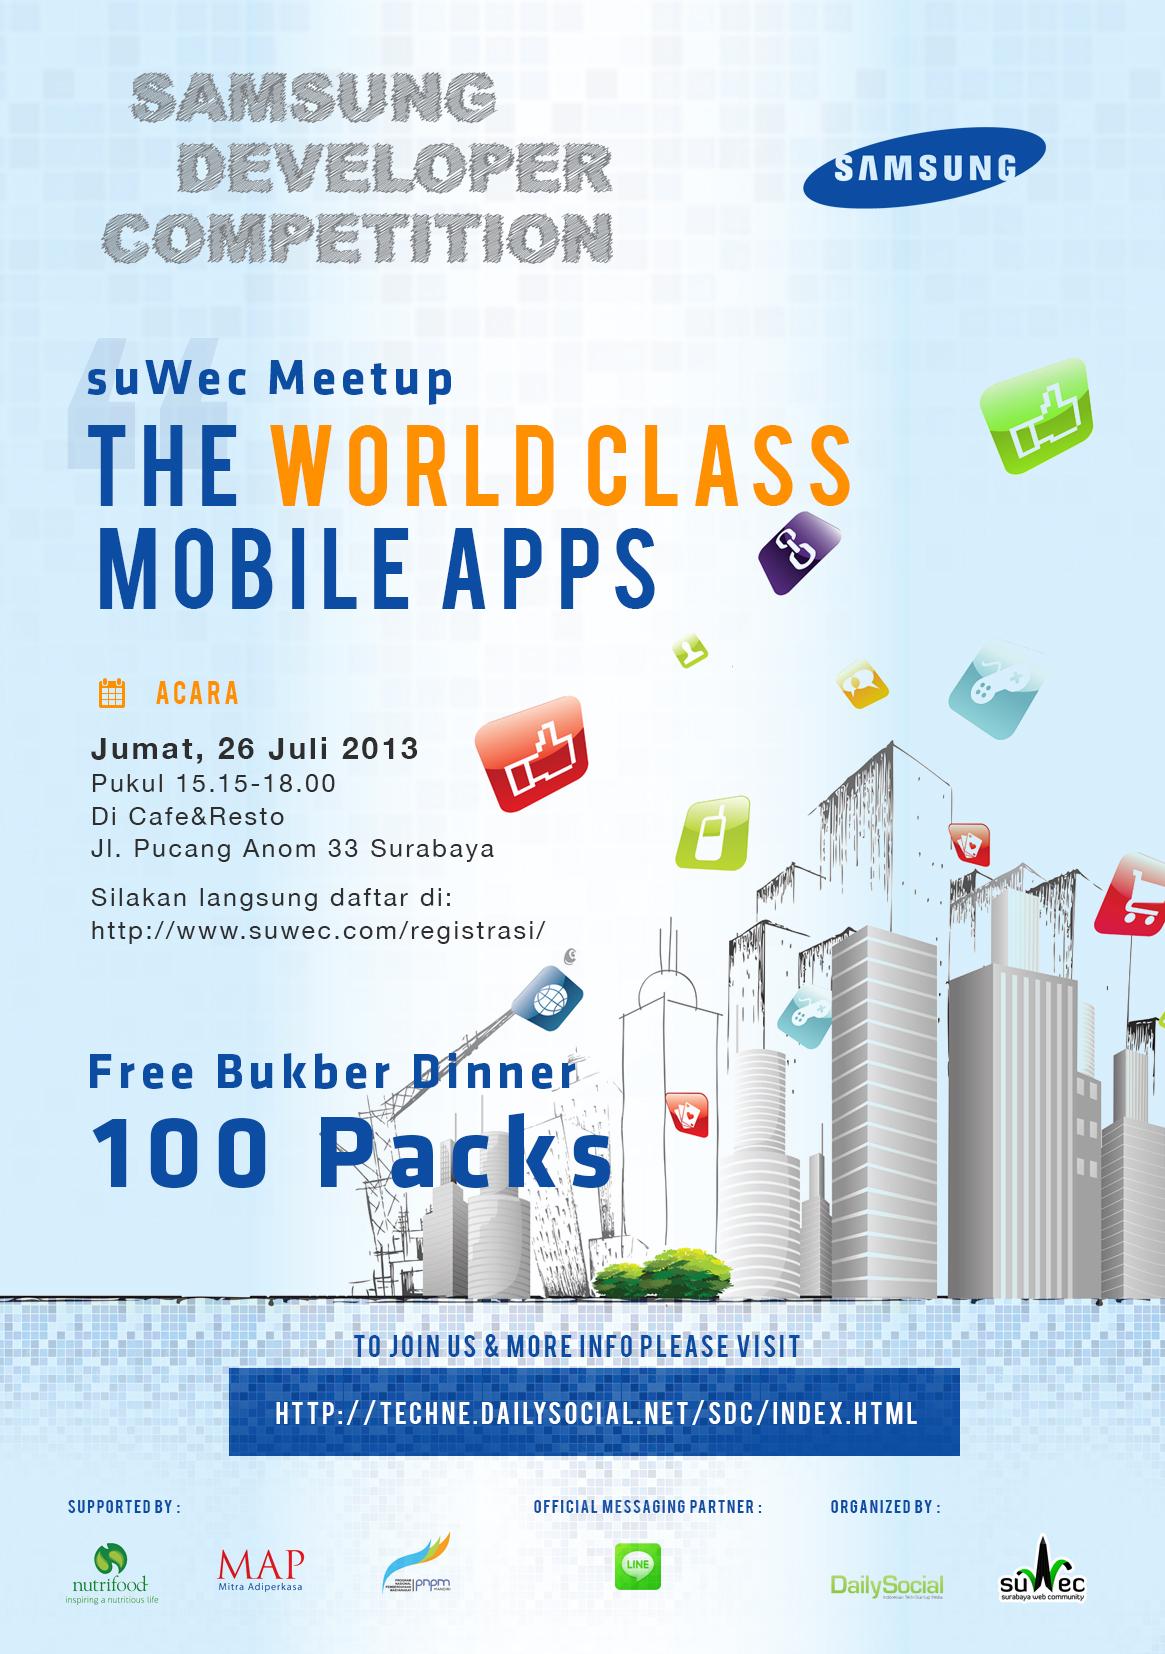 poster samsung mobile app suwec